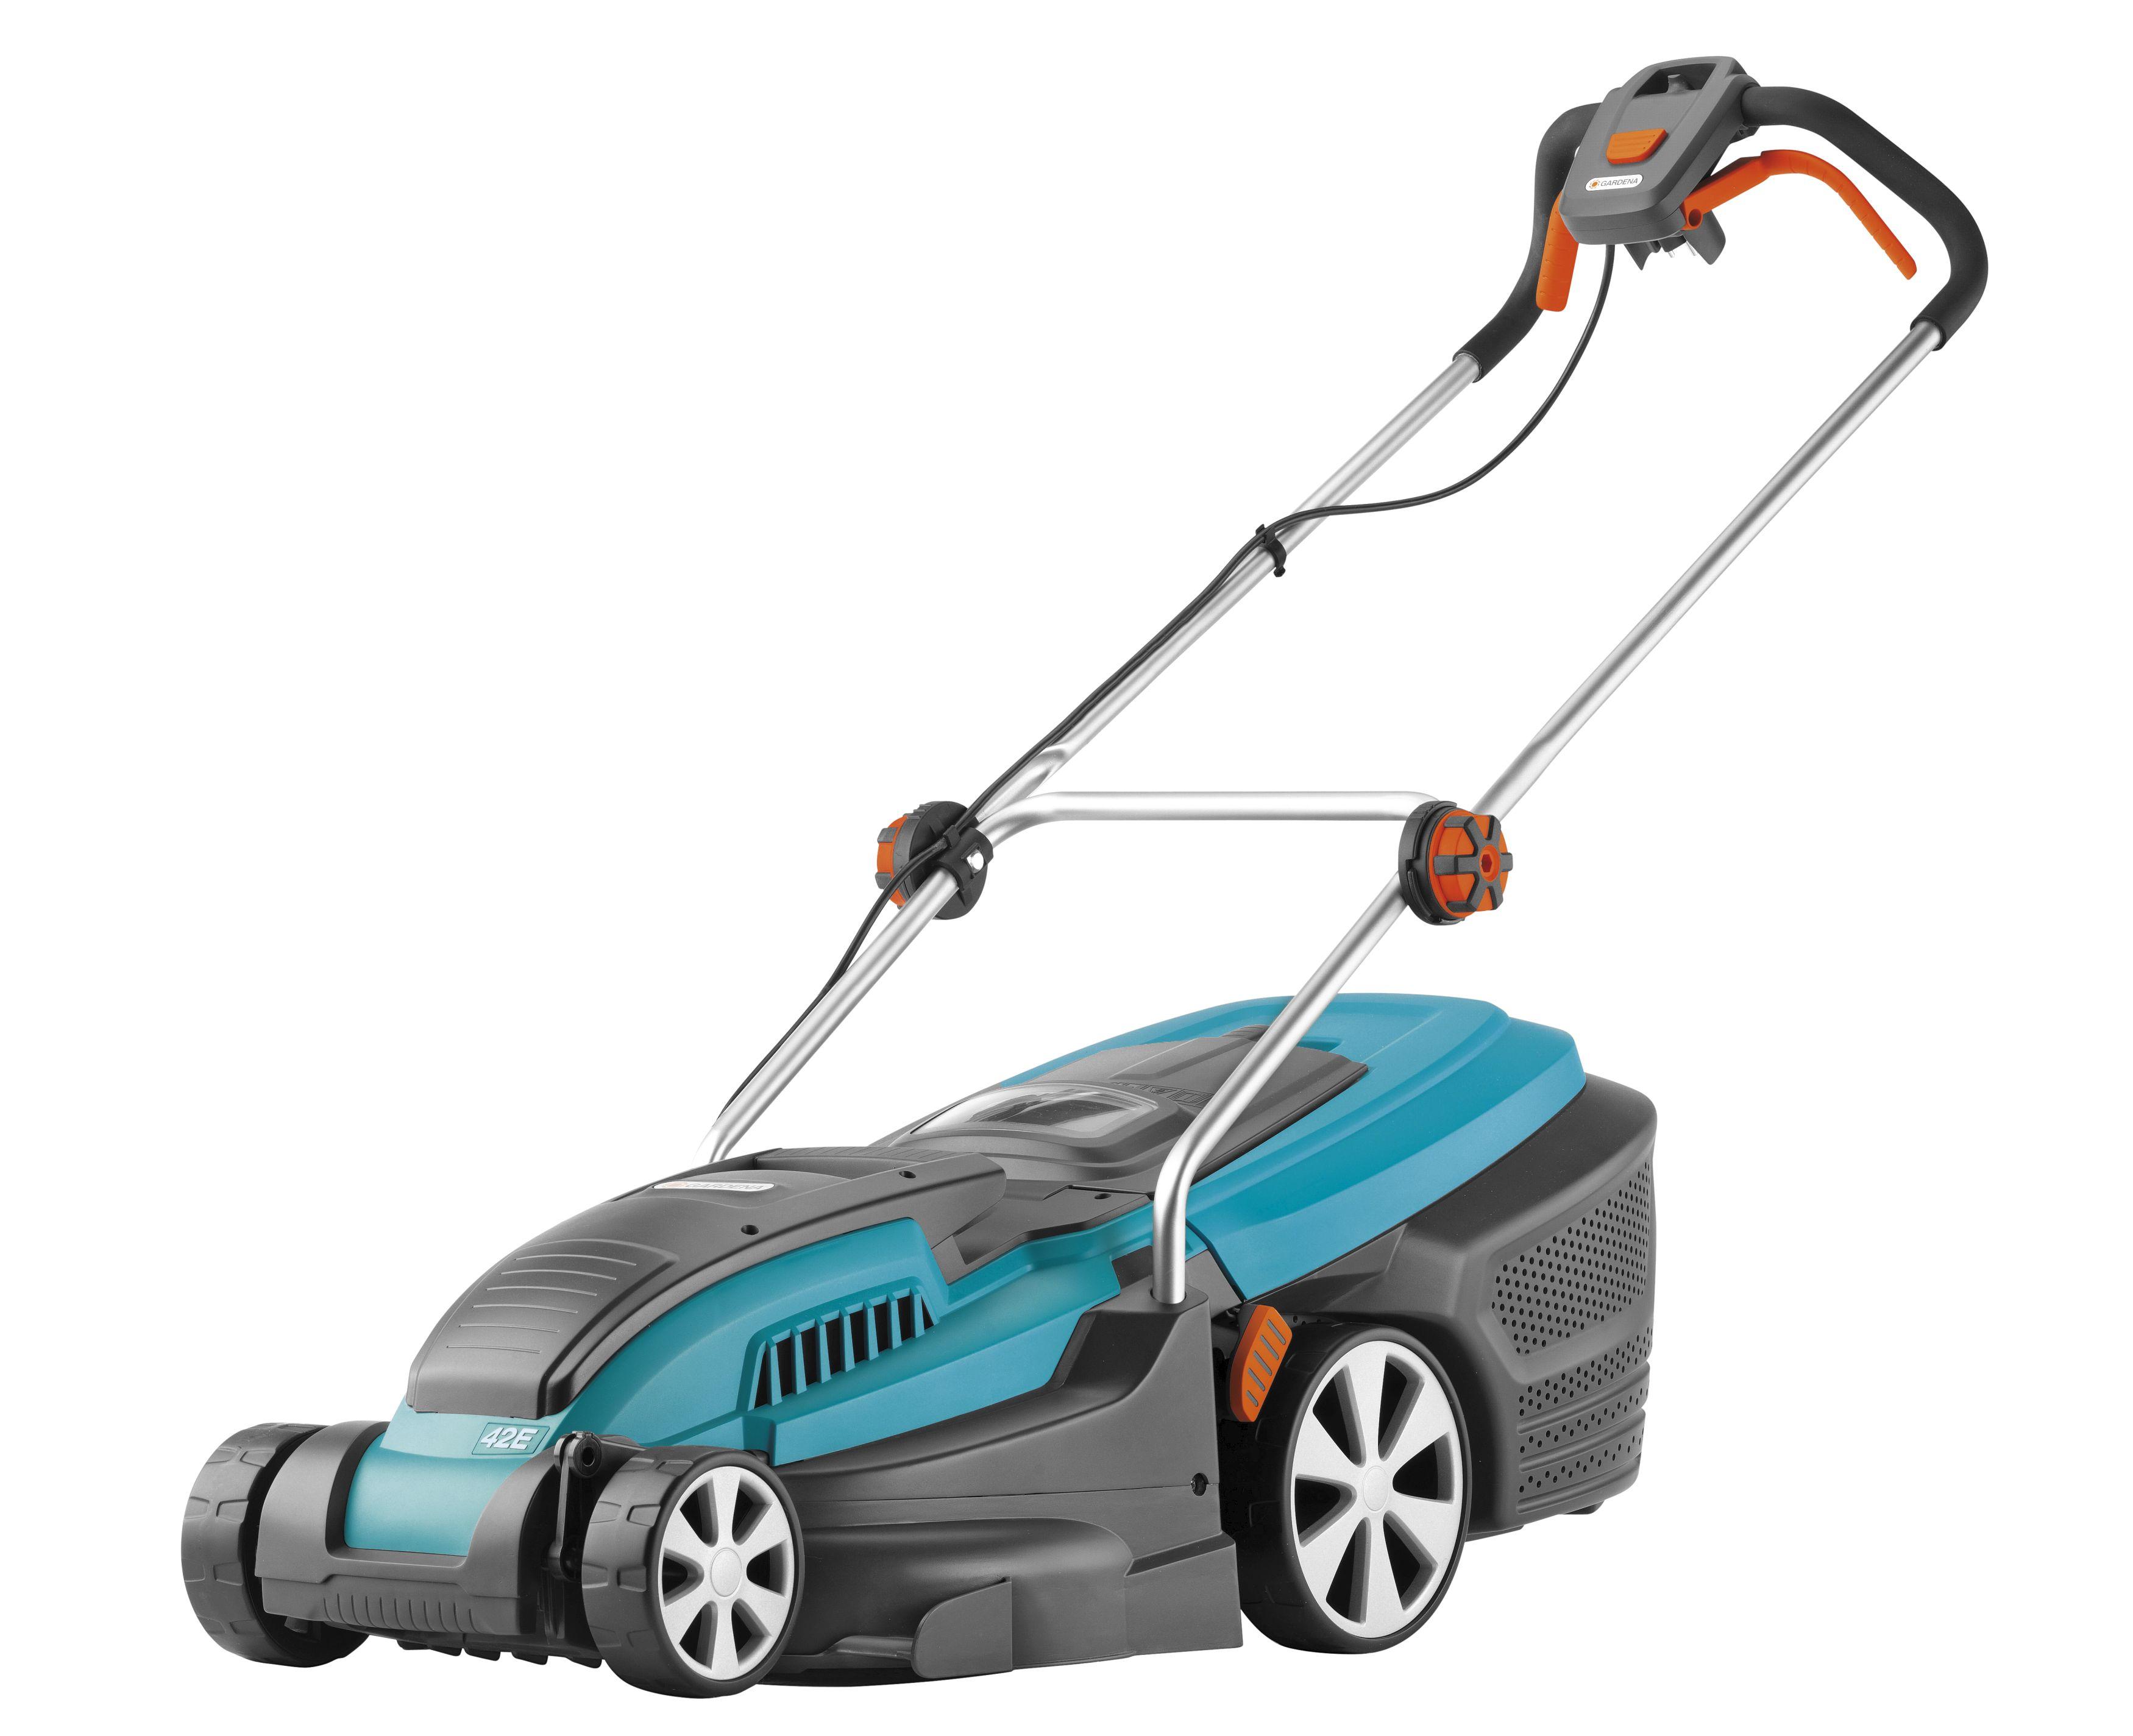 Máy cắt cỏ chạy điện 42E-04076-20 hinh anh 1